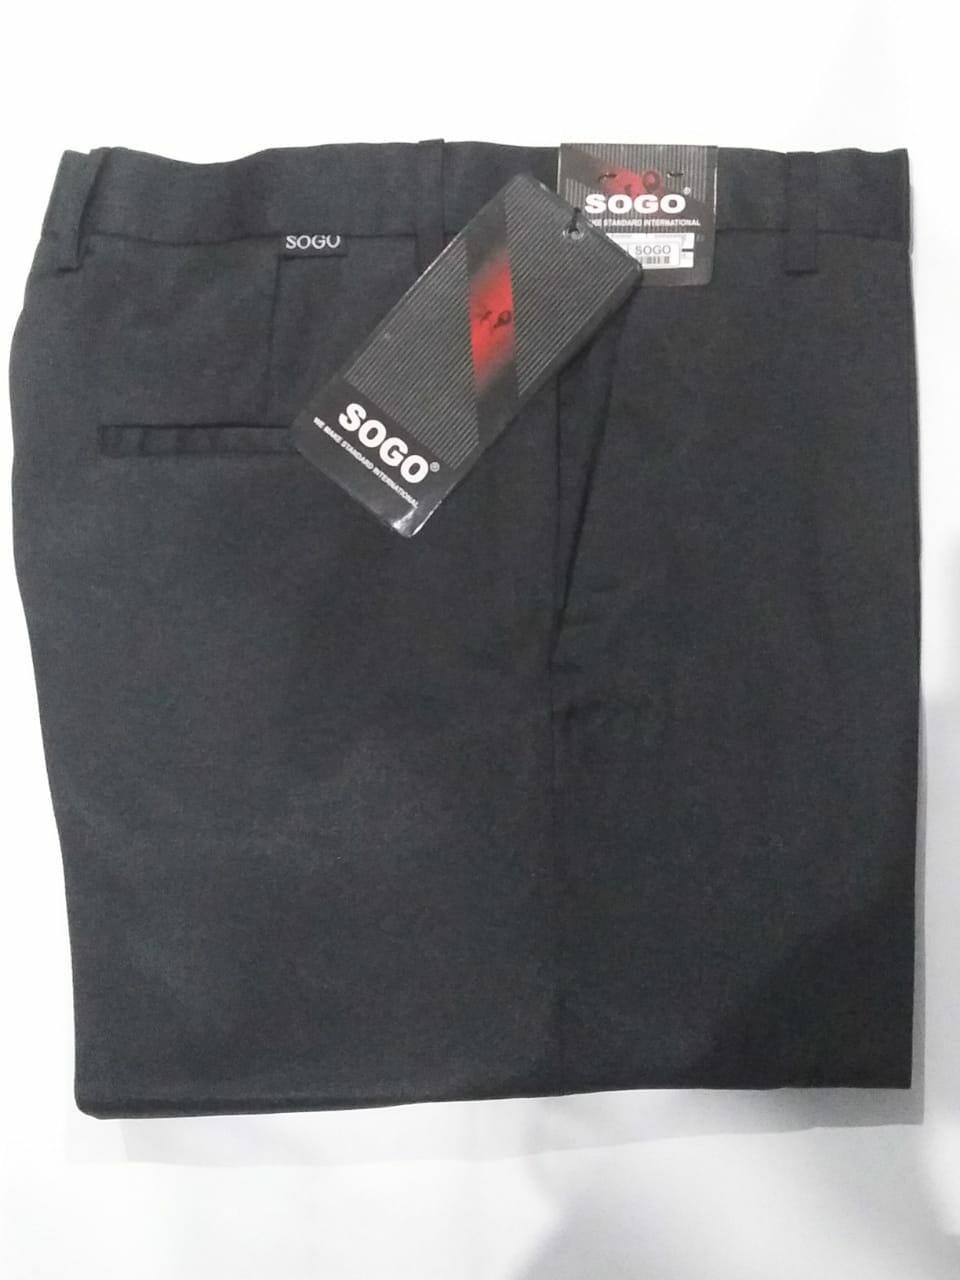 Prosperoz - Celana Pria Panjang - Celana Kerja Kantor Formal -  Bahan Kain - Bahan Woly Polyester - Hitam - Sogo Slim